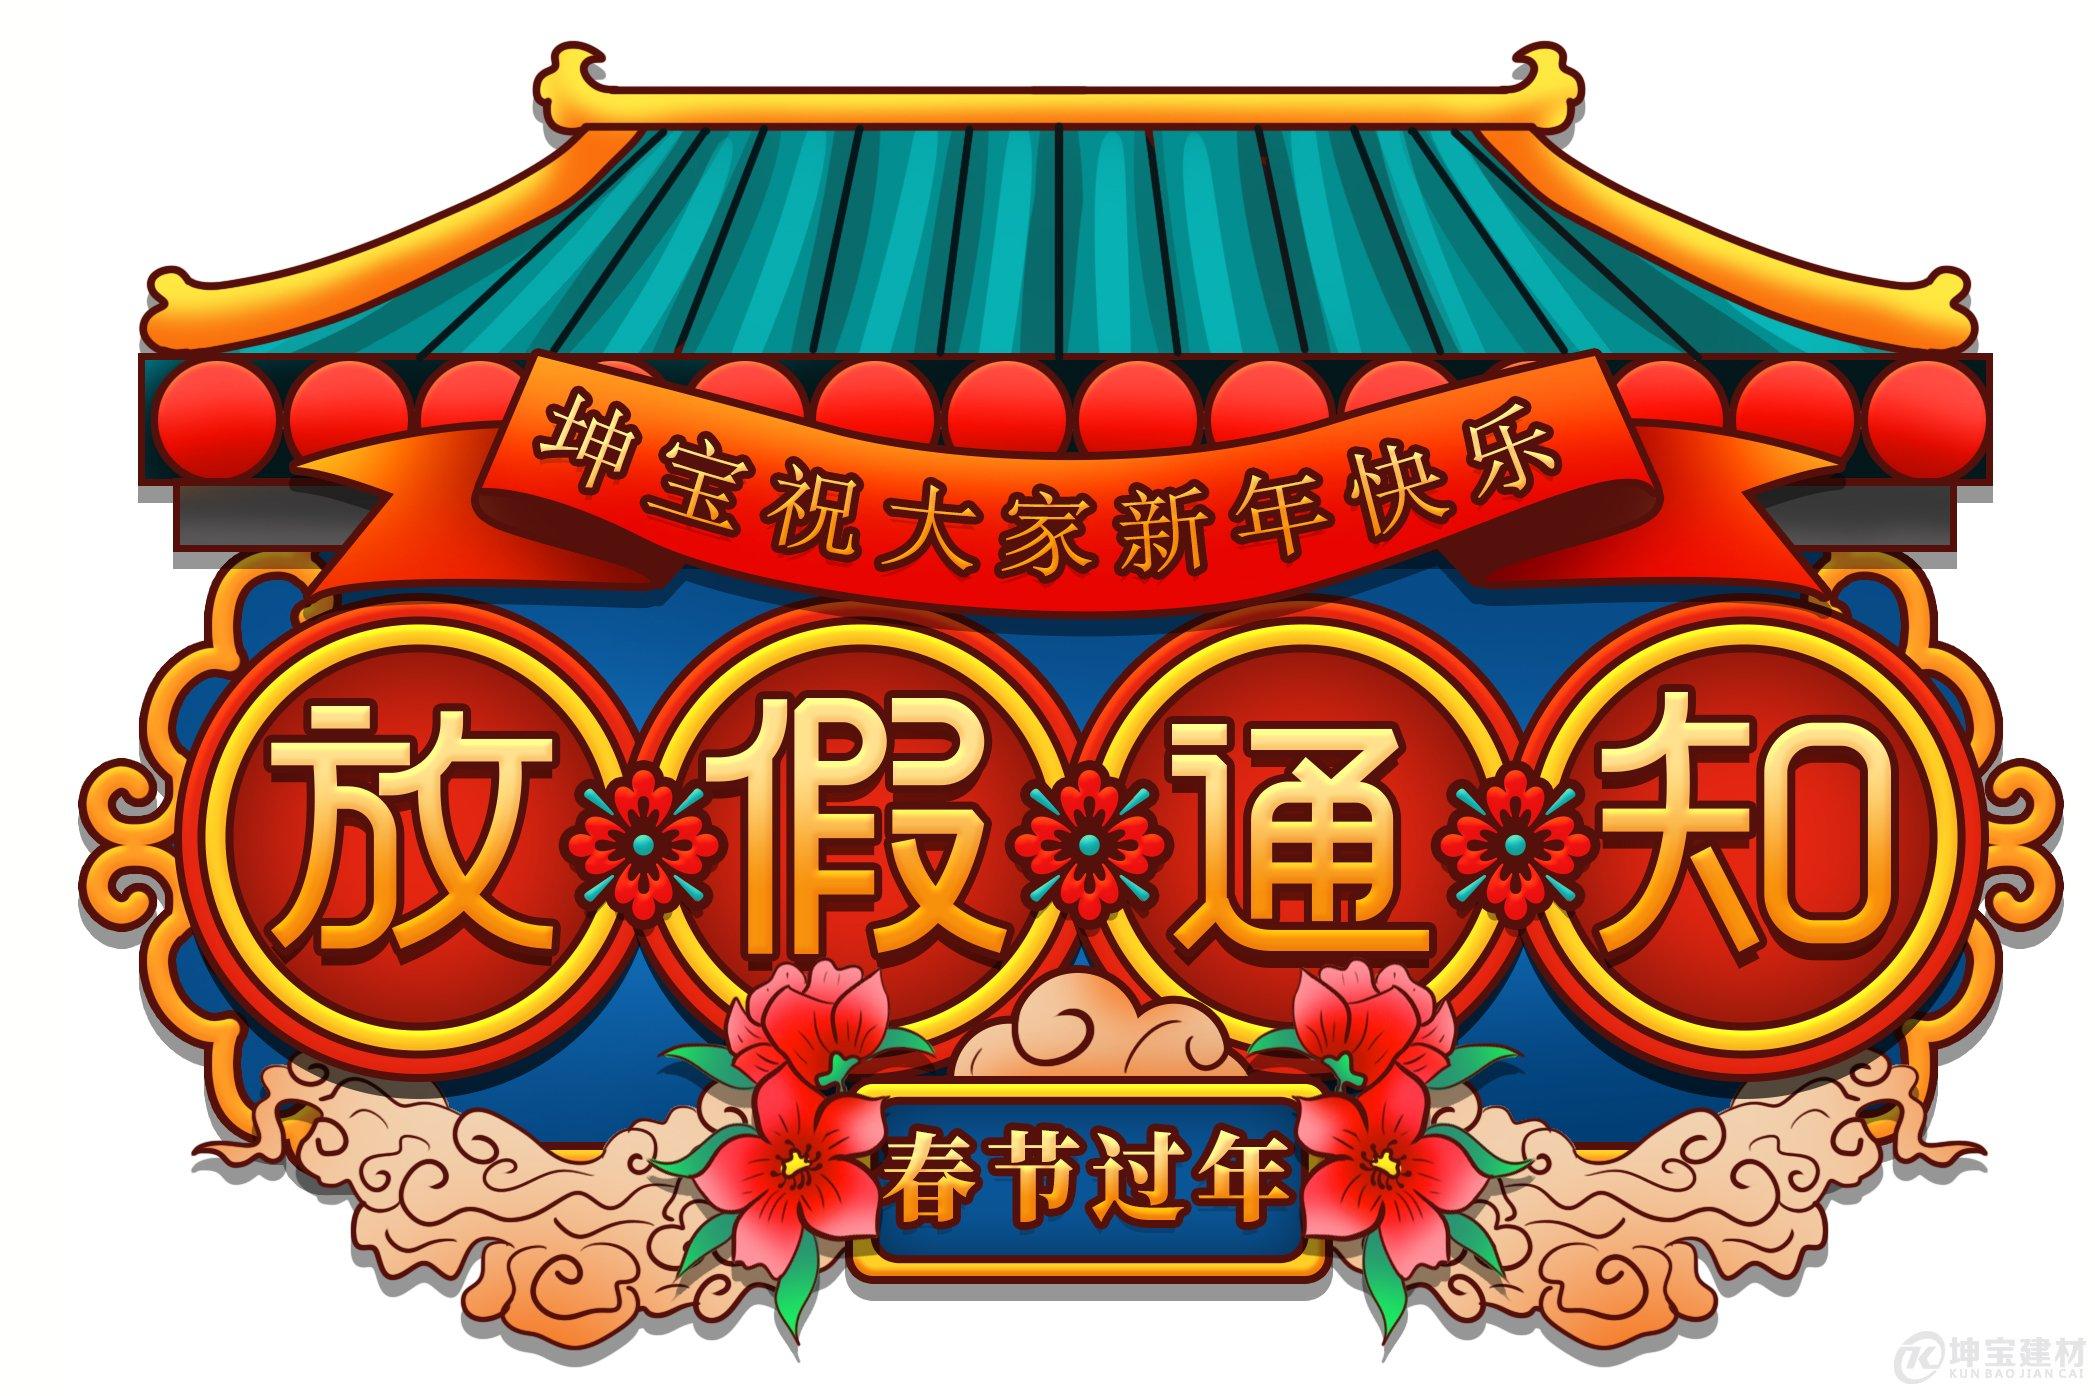 成都坤宝建材2020年春节放假通知。望经销商及客户知晓